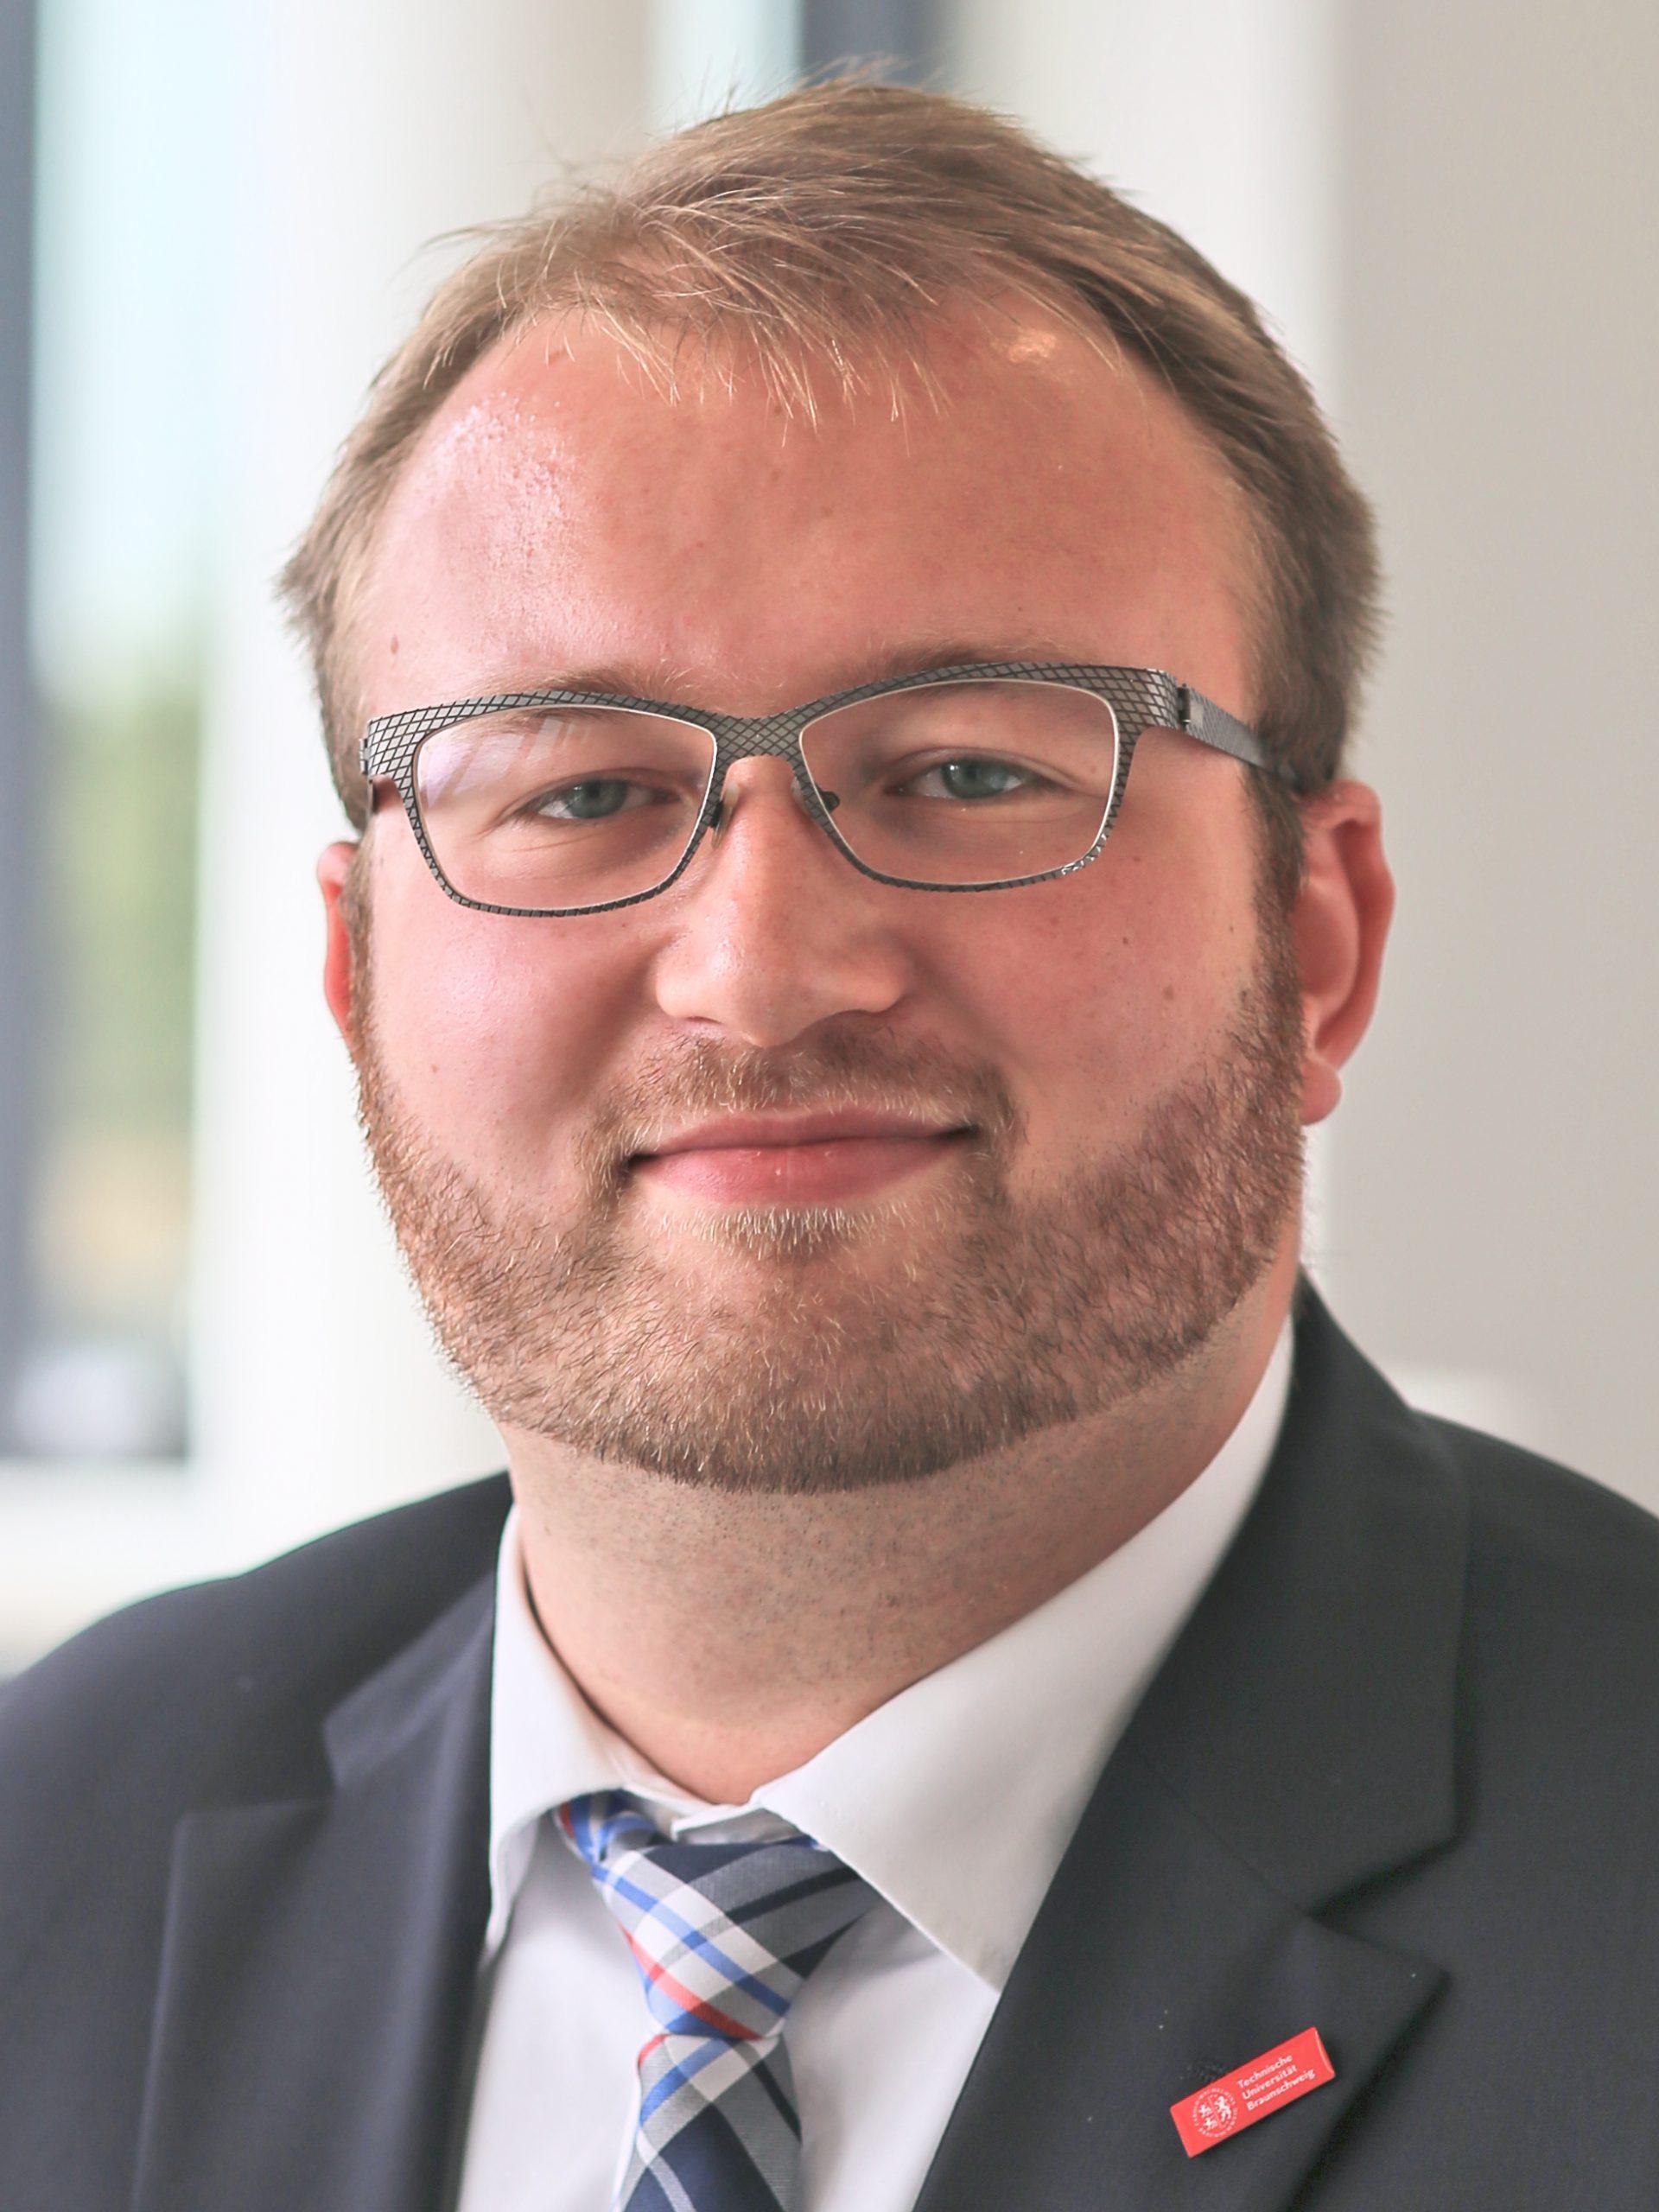 Dipl. Ing. Tobias Huth